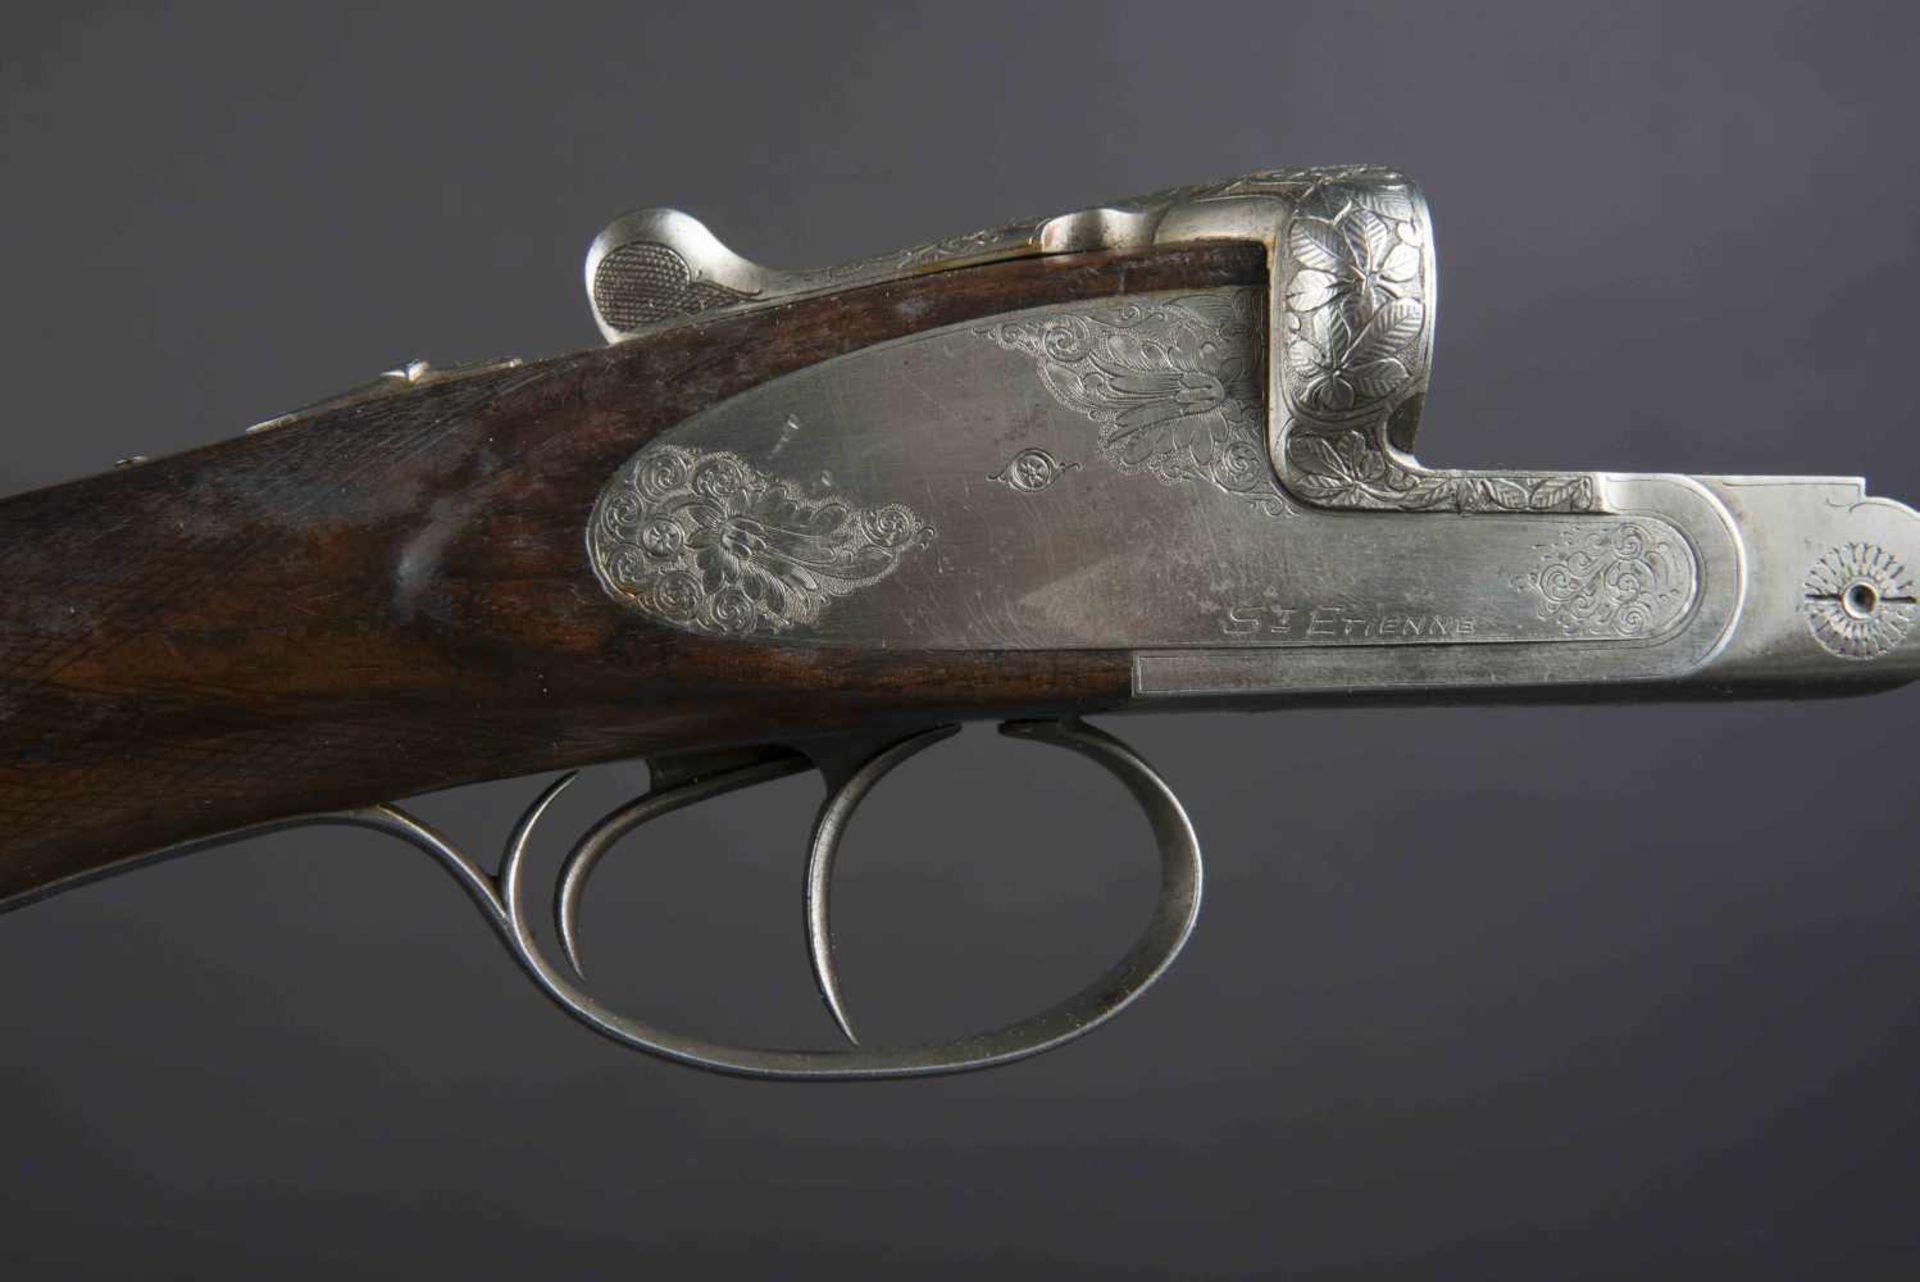 Fusil de chasse Verney Carron Catégorie C Parties métalliques ciselées. Verney Carron Helicobloc. - Bild 2 aus 4